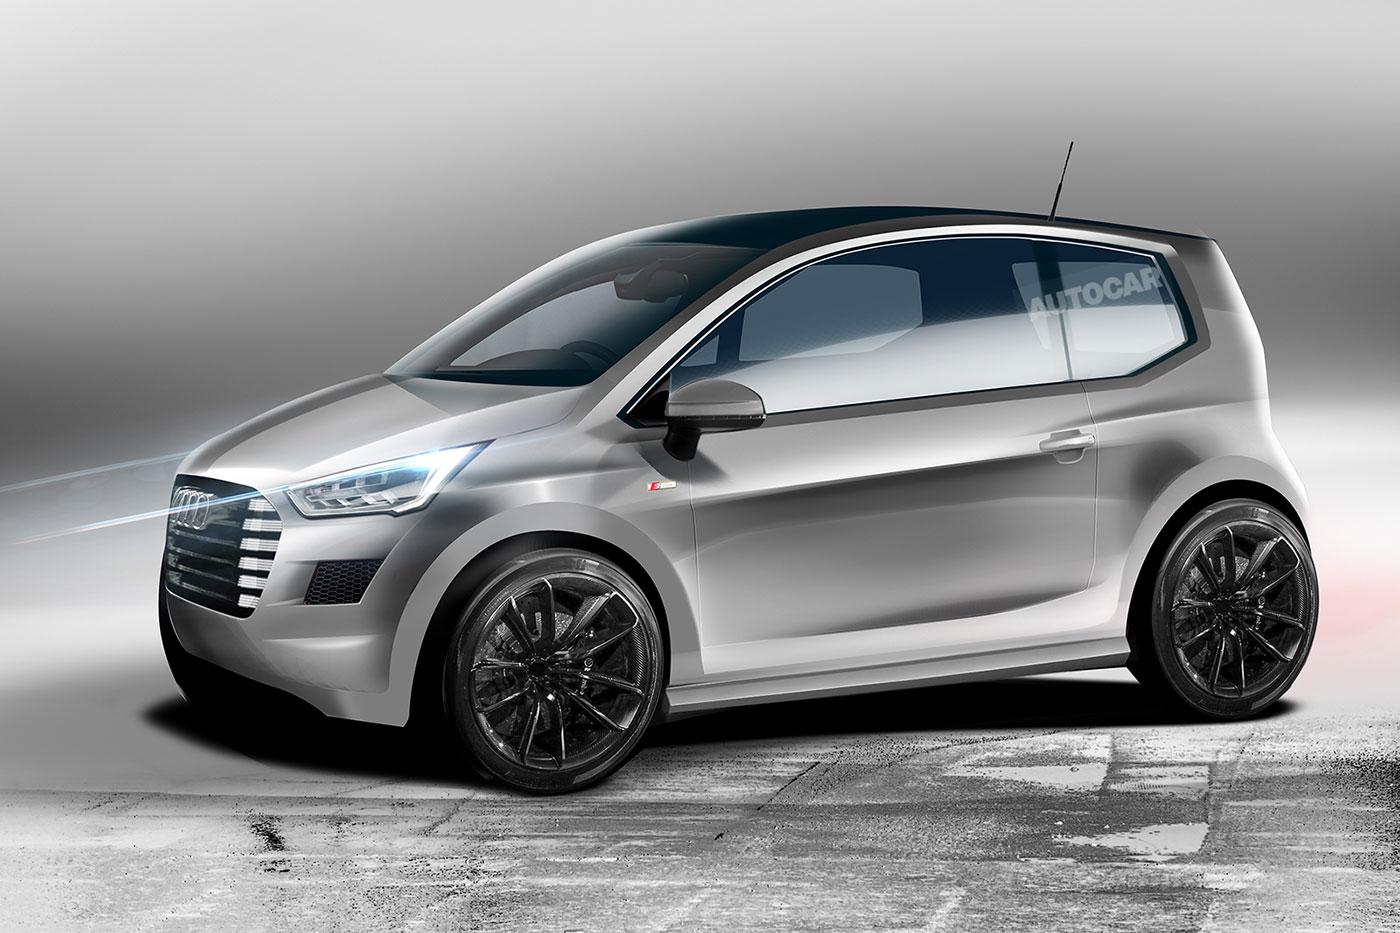 Audi Lanceert In 2020 Drie Elektrische Auto S Uit De Nieuwe E Tron Lijn